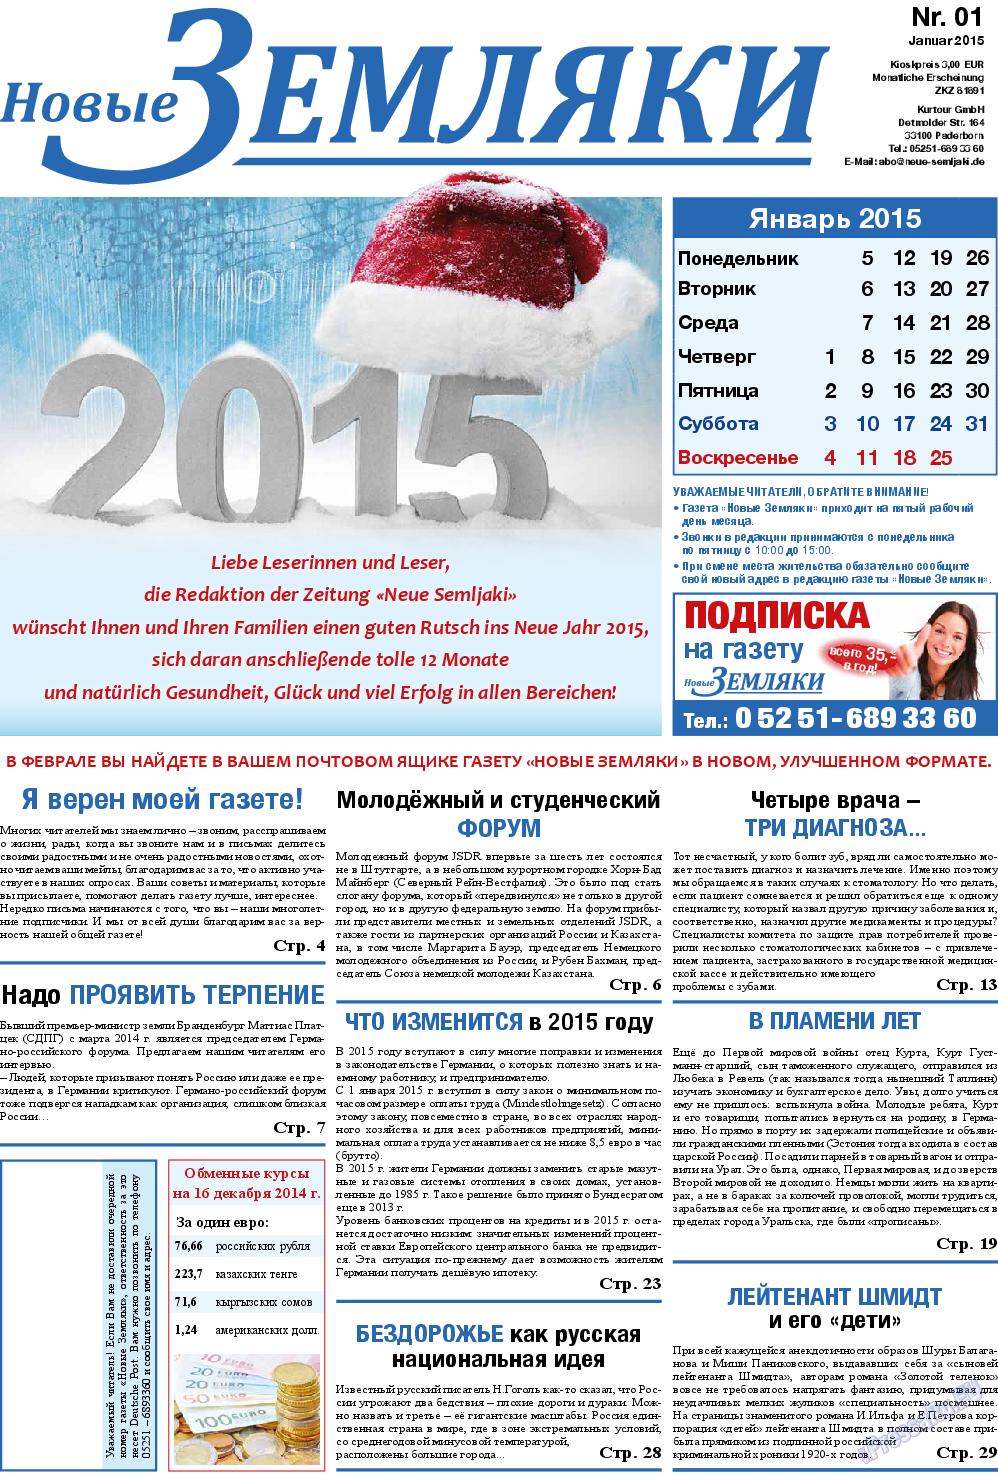 Новые Земляки (газета). 2015 год, номер 1, стр. 1